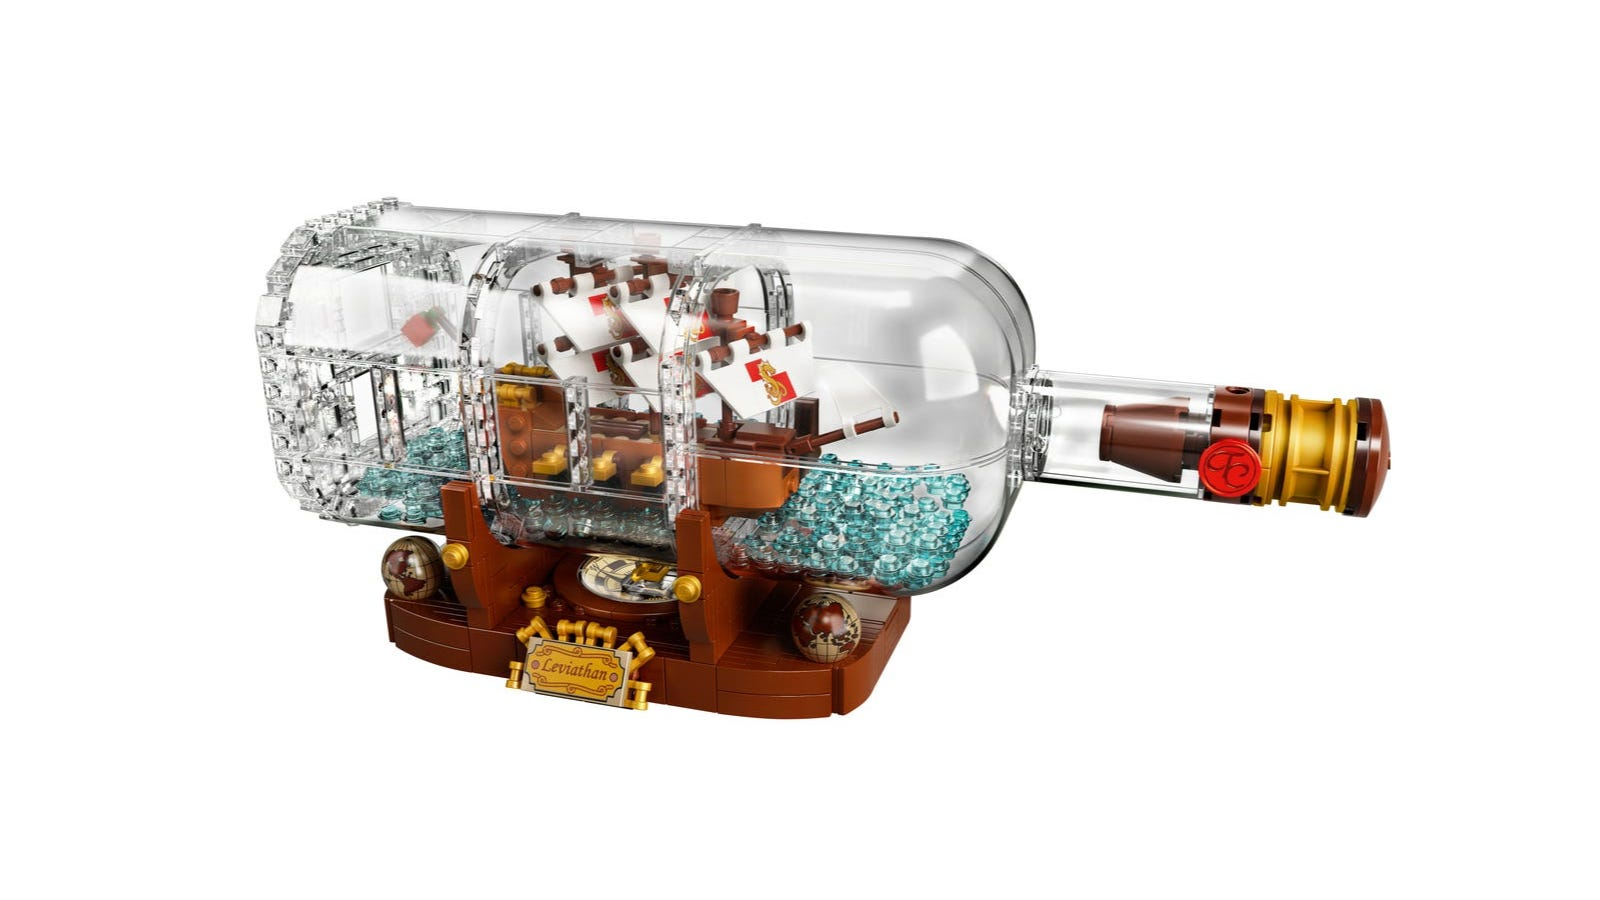 LEGO Ideas Ship in a Bottle set